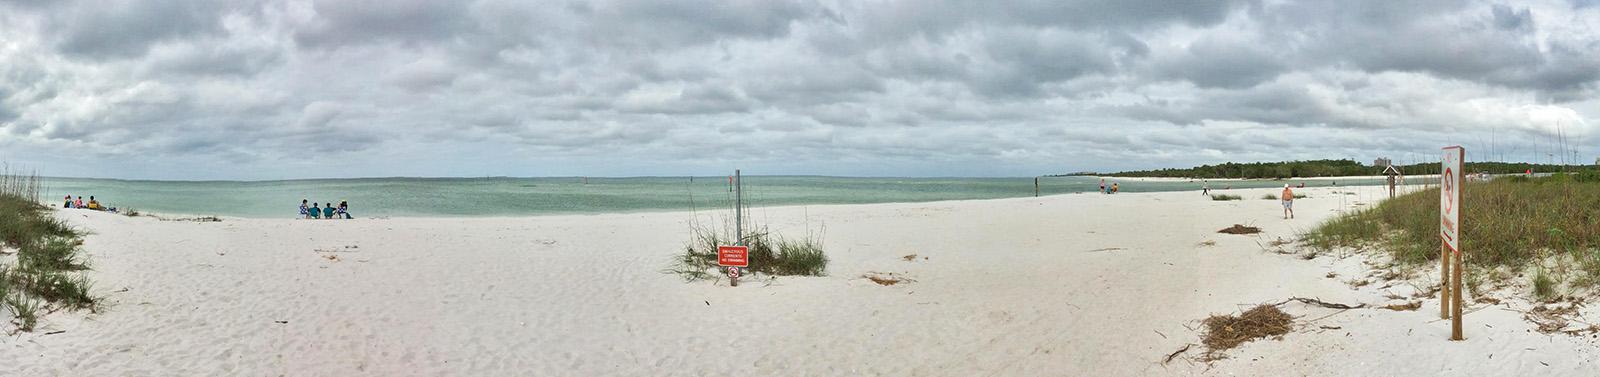 delnor-wiggins-statepark-beach